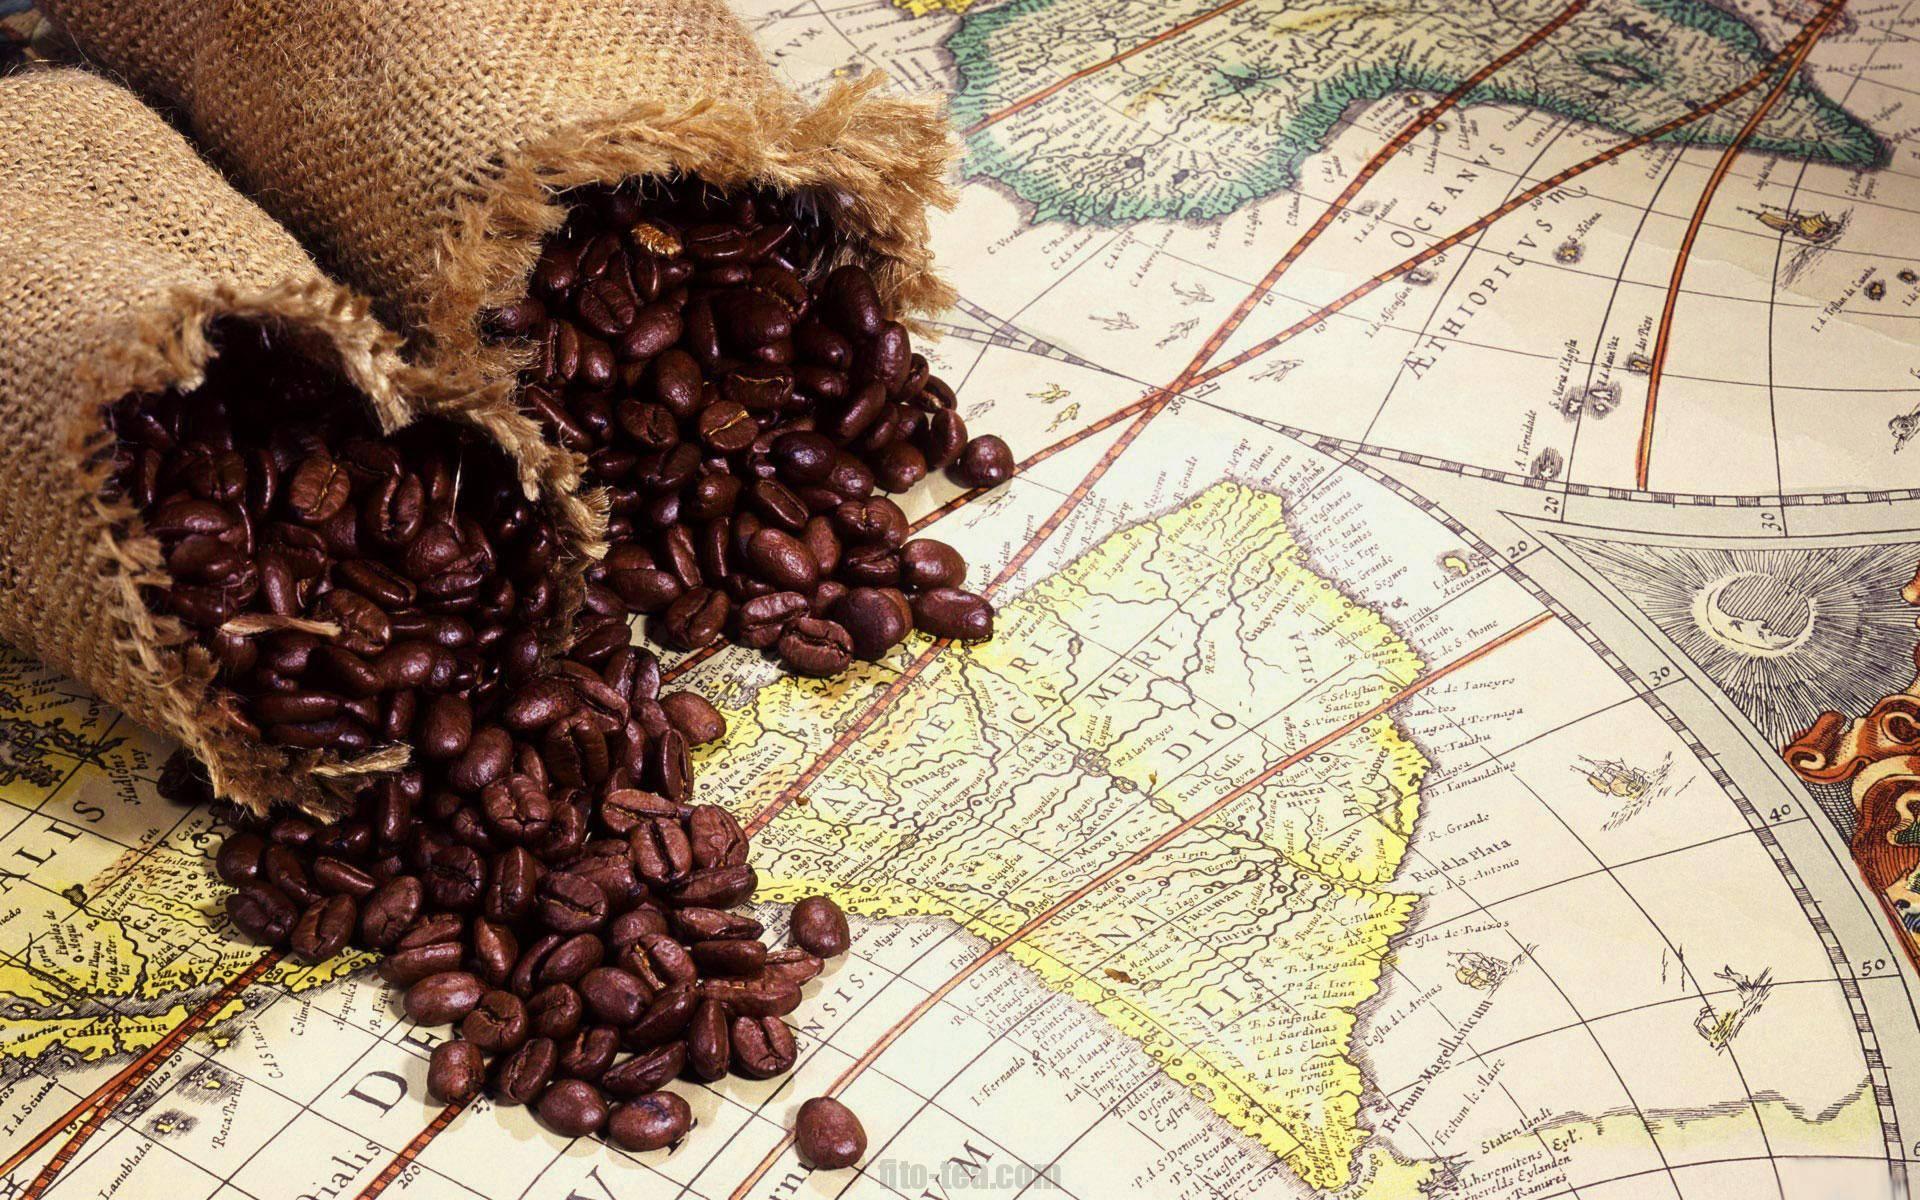 Интересные факты о кофе: выращивание, история, употребление